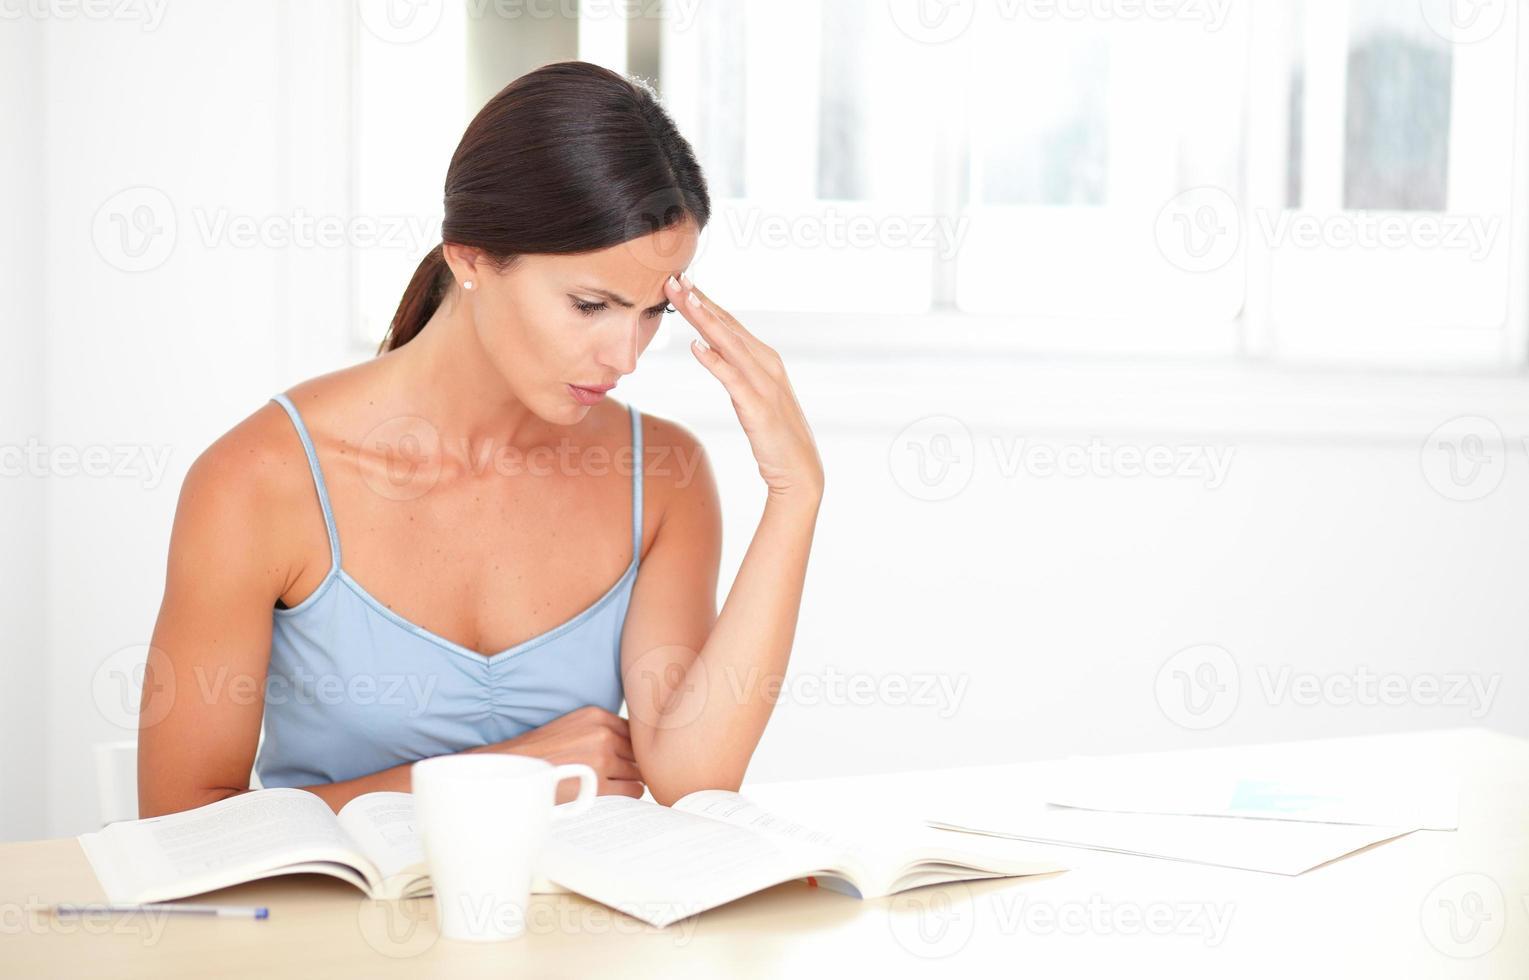 mooie vrouw zich te concentreren op het lezen van boeken foto